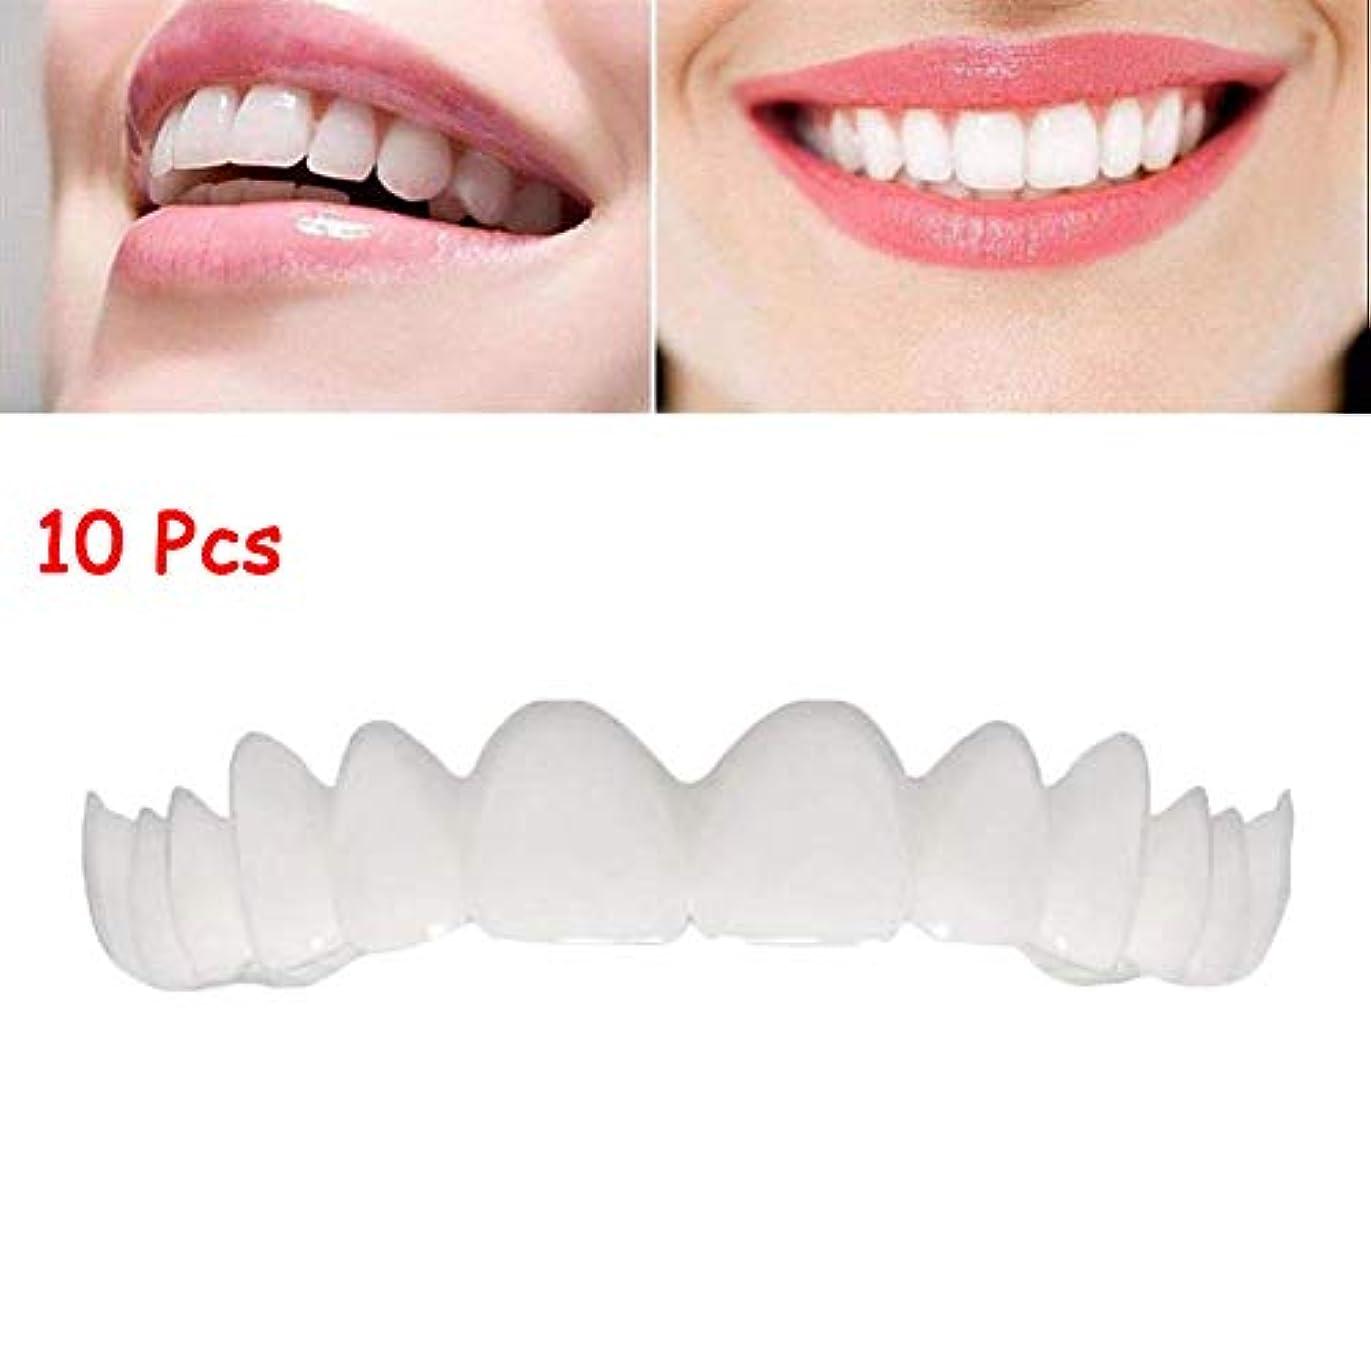 やがて炭水化物作曲する10個の一時的な化粧品の歯の義歯は歯を白くするブレースを模擬